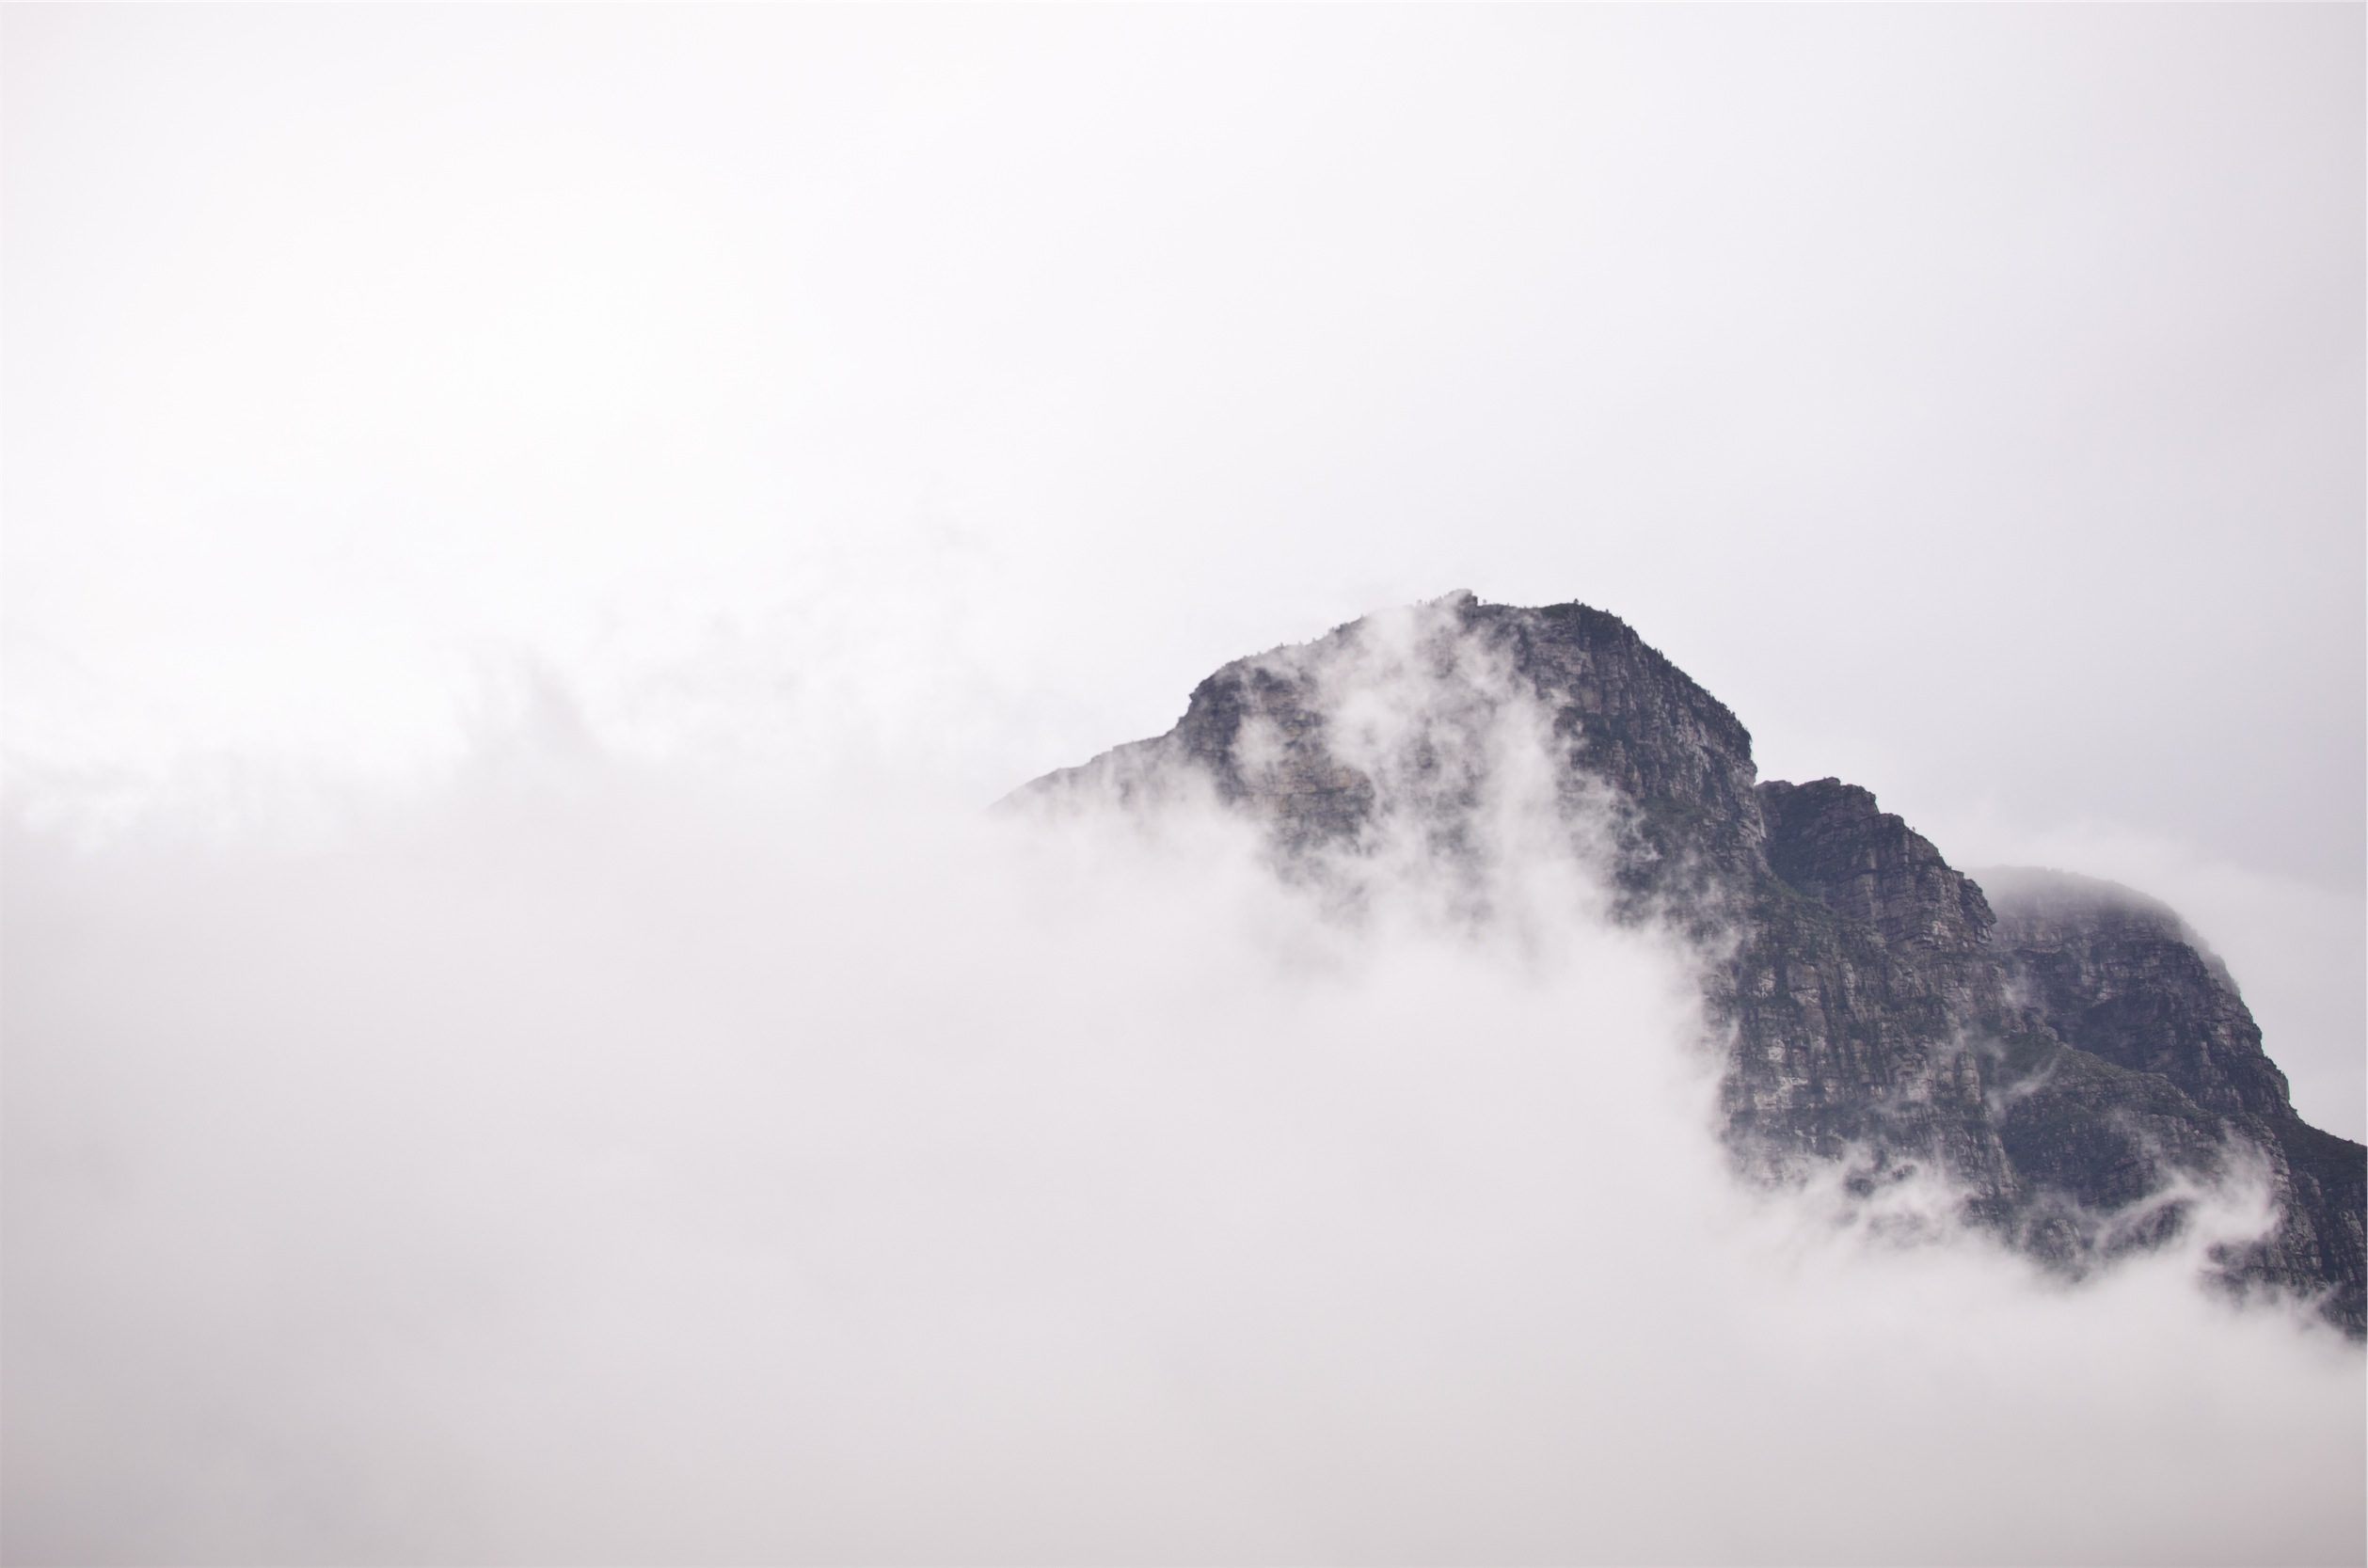 Монтанья, пик, Вверх, облака, туман - Обои HD - Профессор falken.com